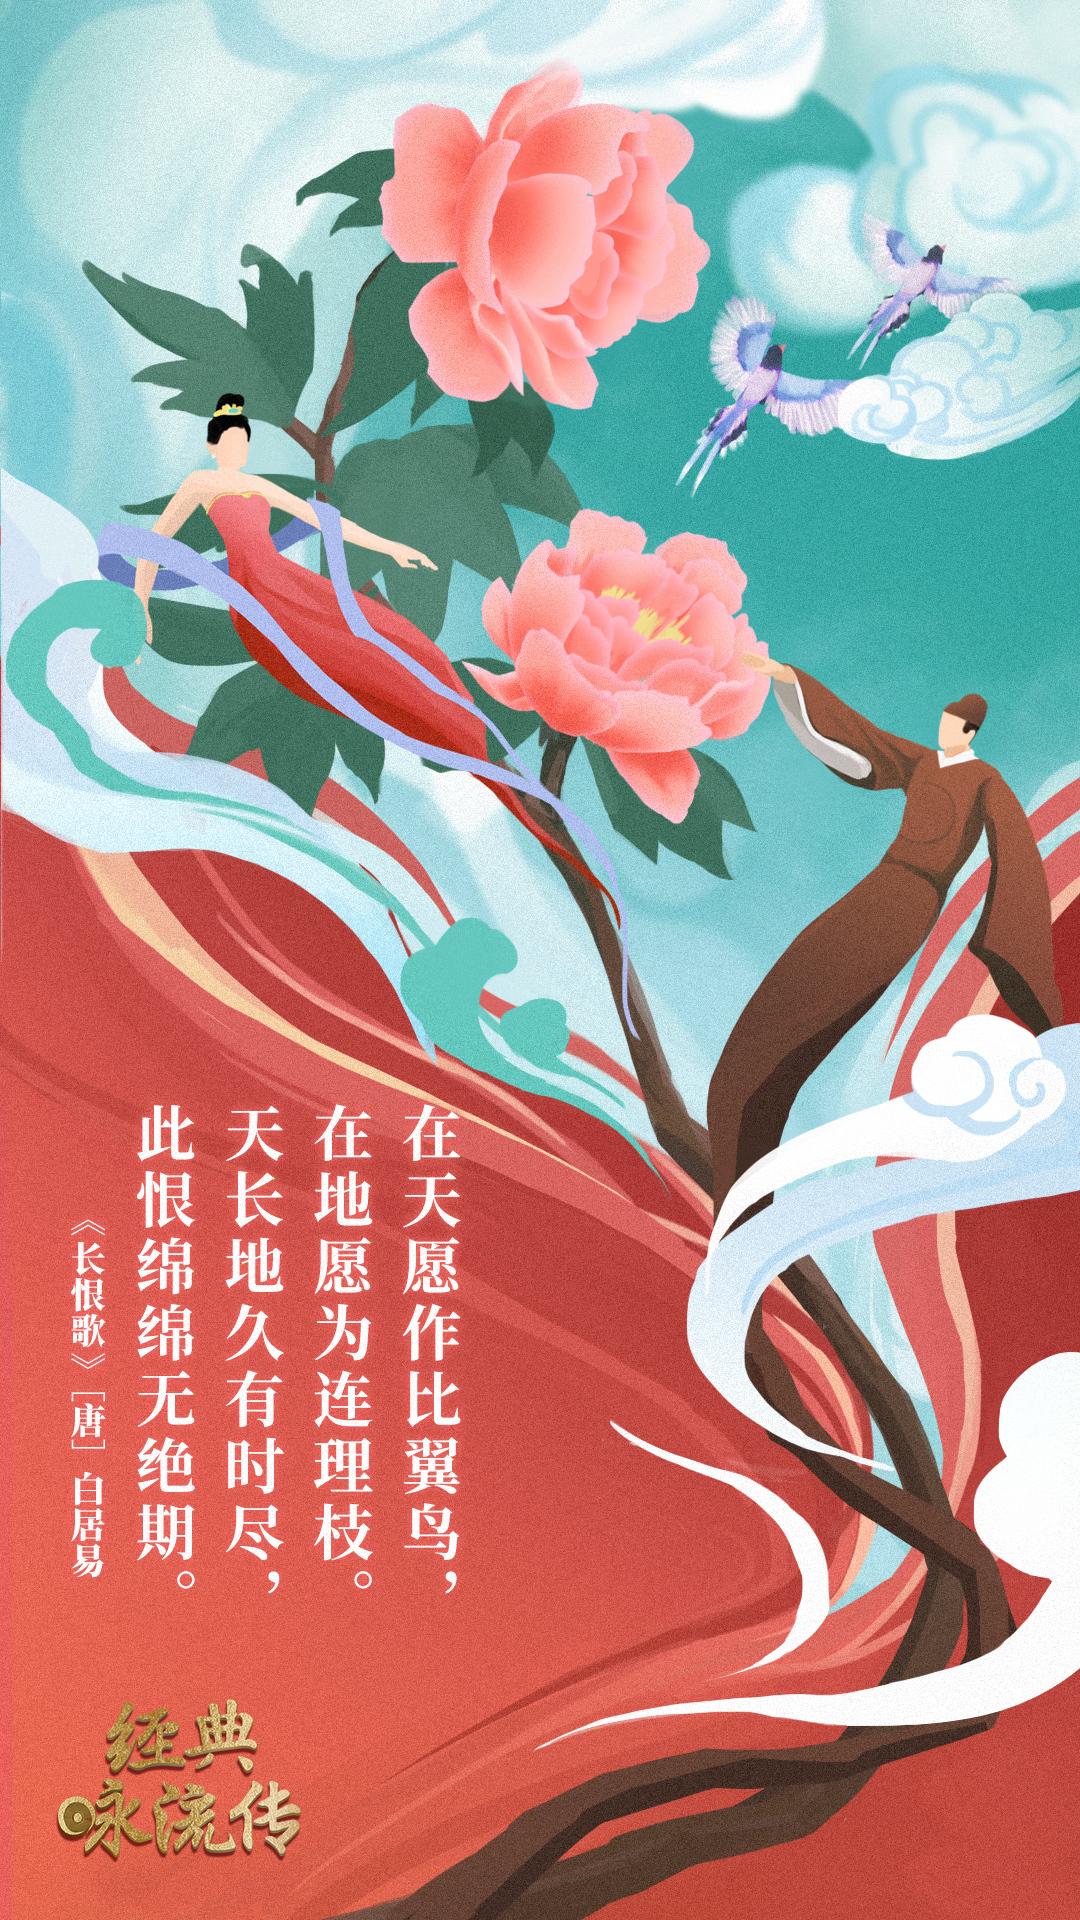 《经典咏流传》诗词意境海报合集 欣赏-第57张